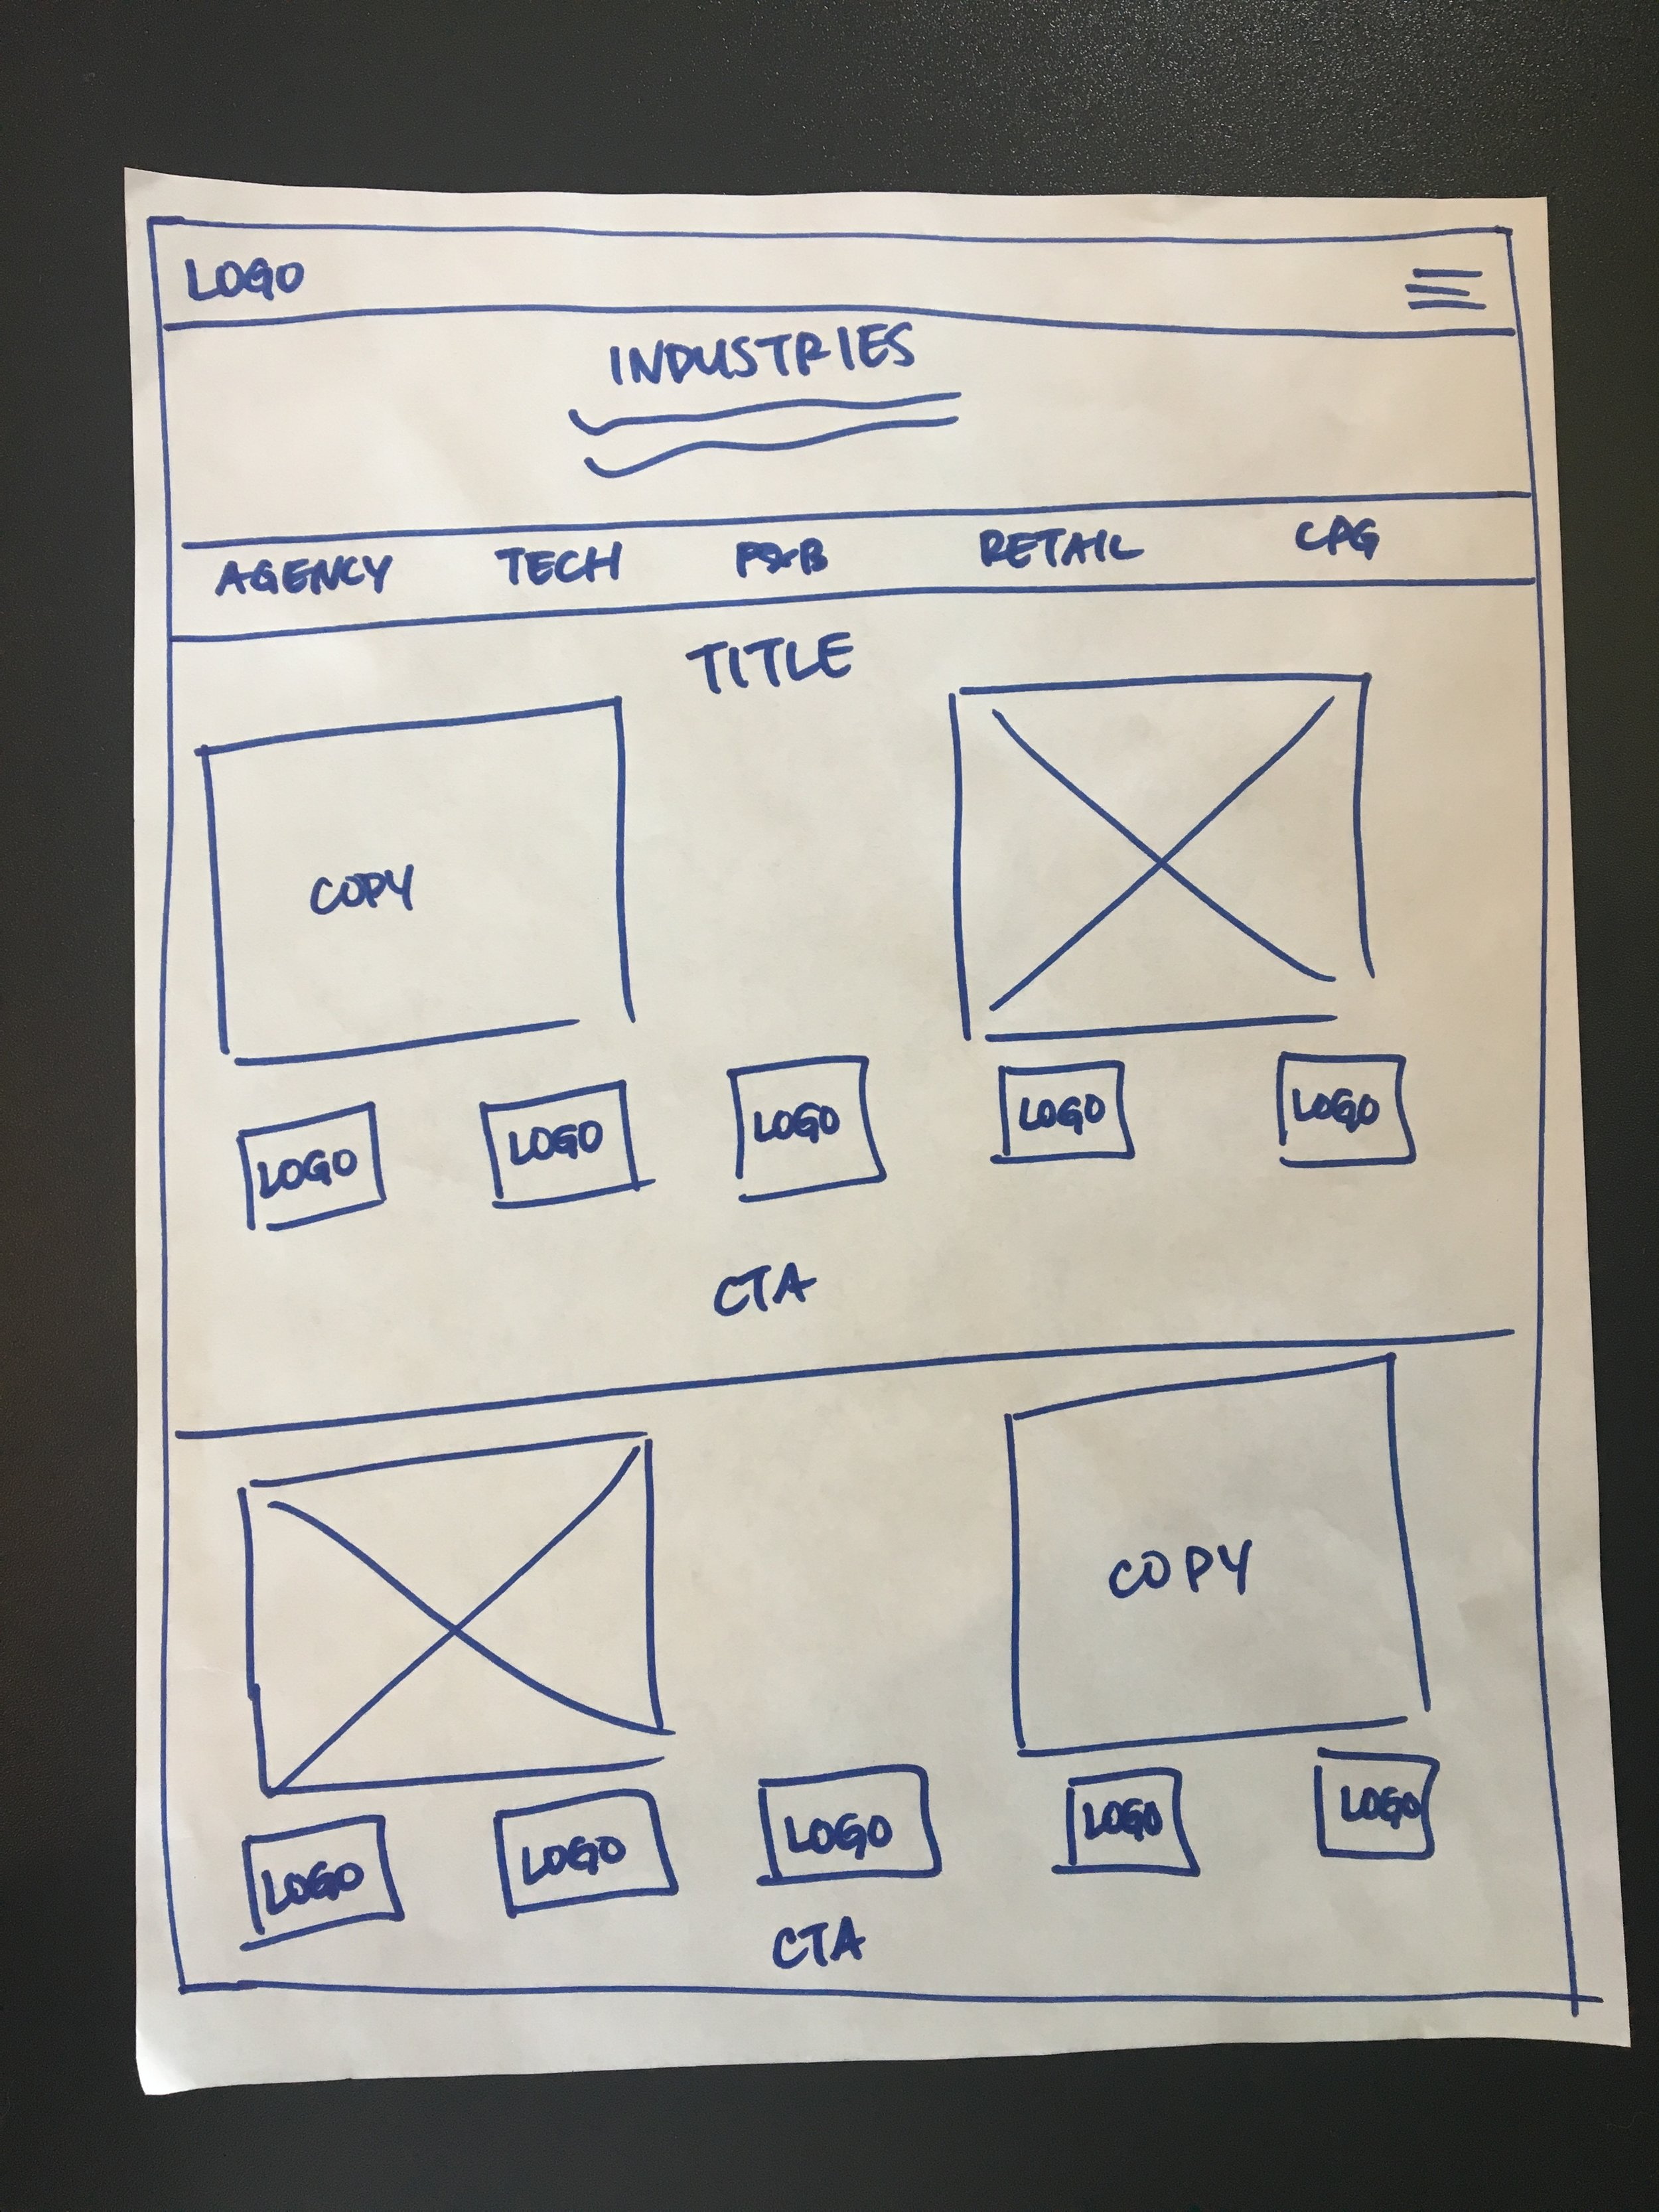 Industries sketch